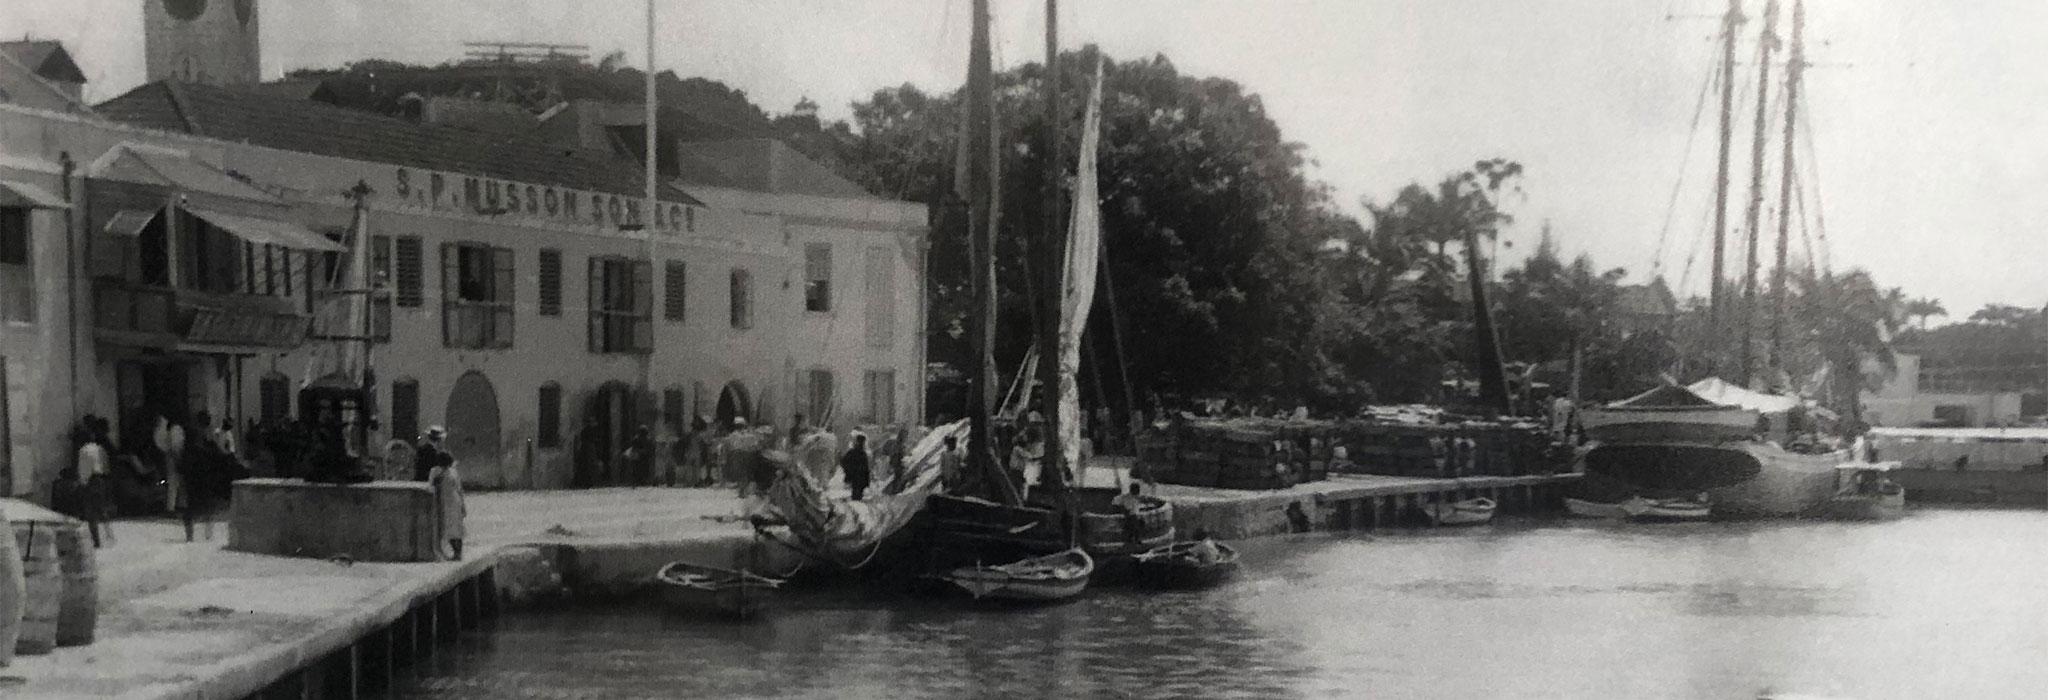 musson_wharf